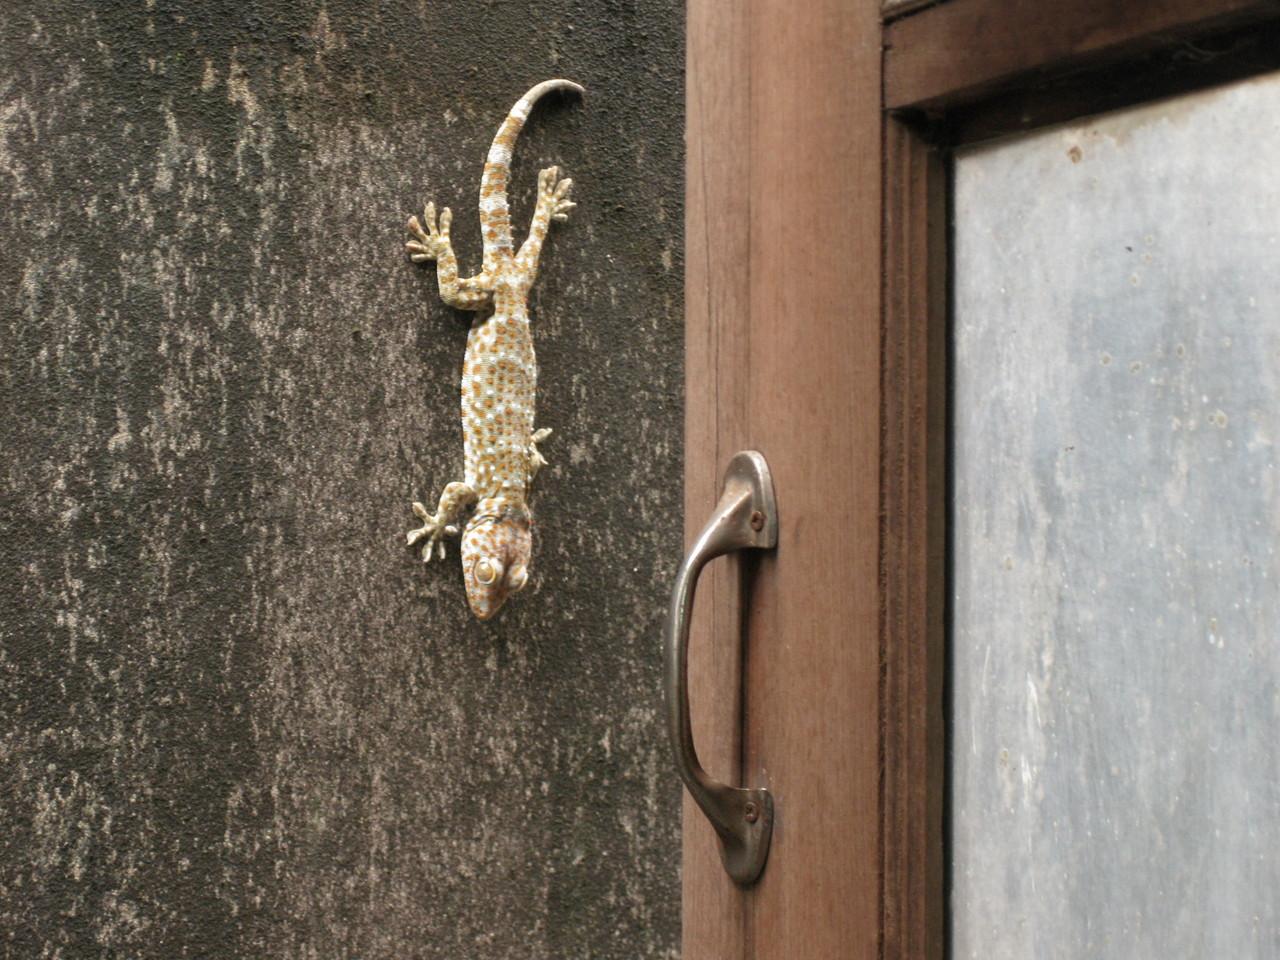 宿の窓の向こうの壁にトカゲだろうか、ヤモリより大きい生き物がじっと睨んでおった。